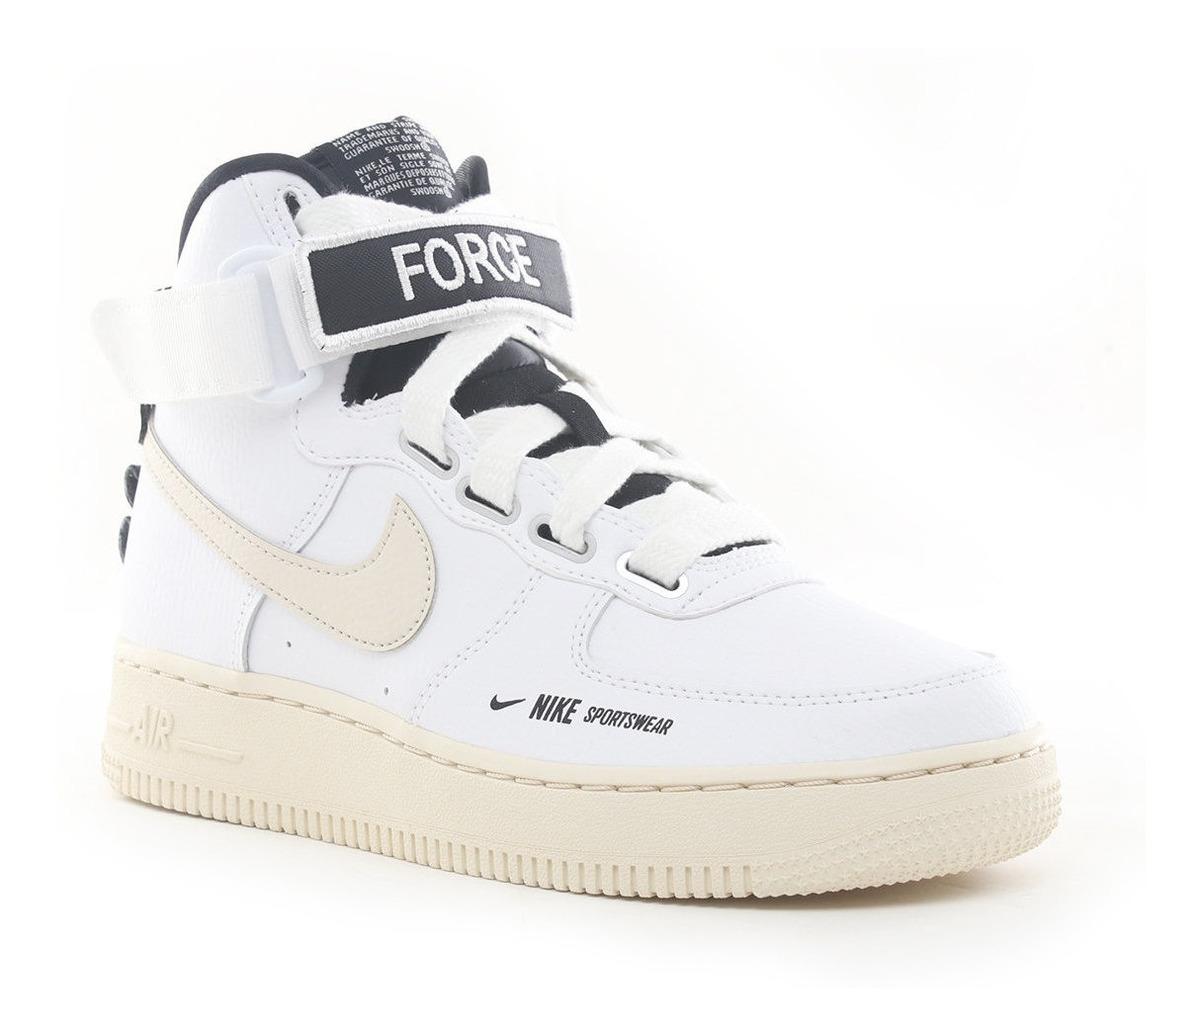 Zapatillas Wmns Air Force 1 07 Nike Blast Tienda Oficial